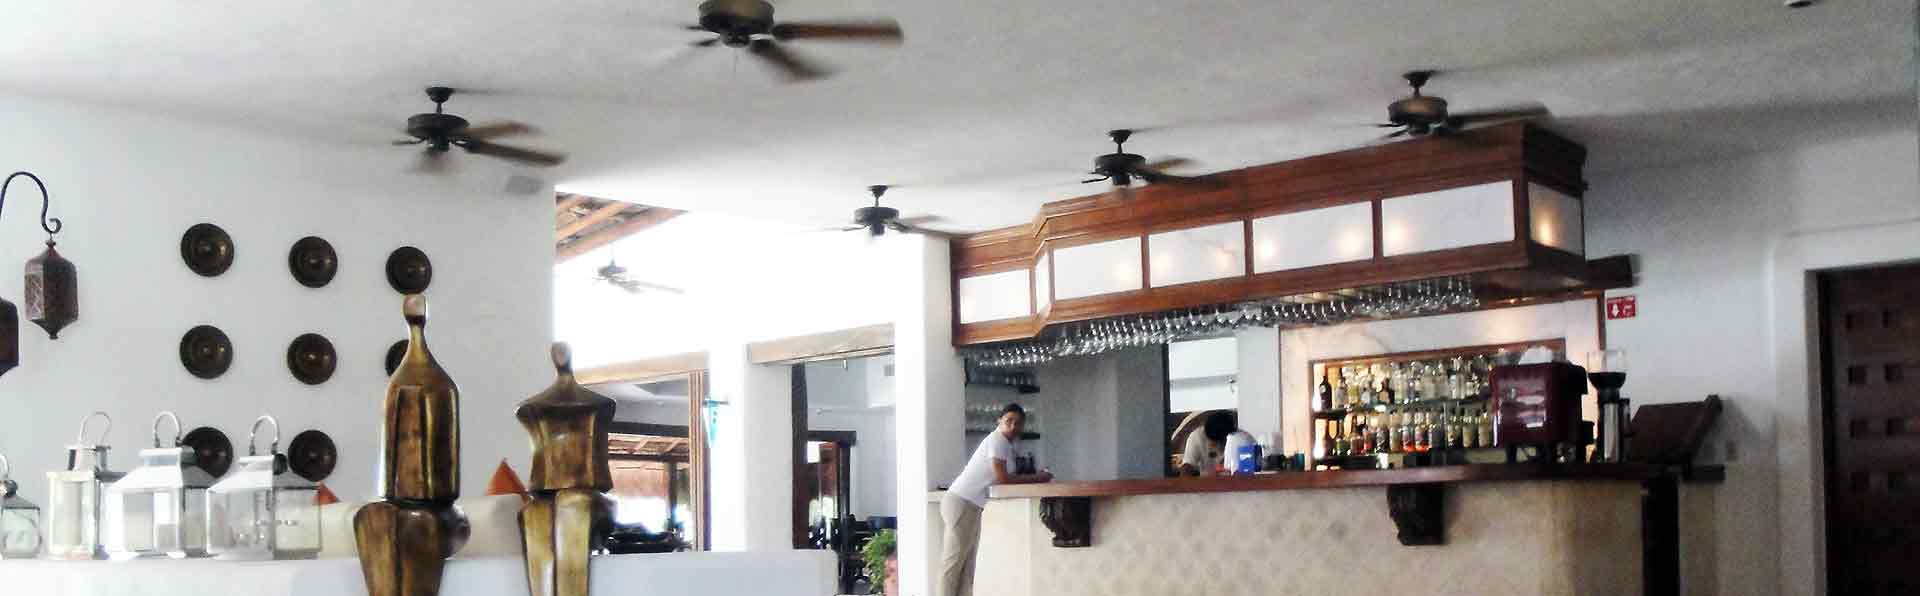 Agave Lobby Lounge